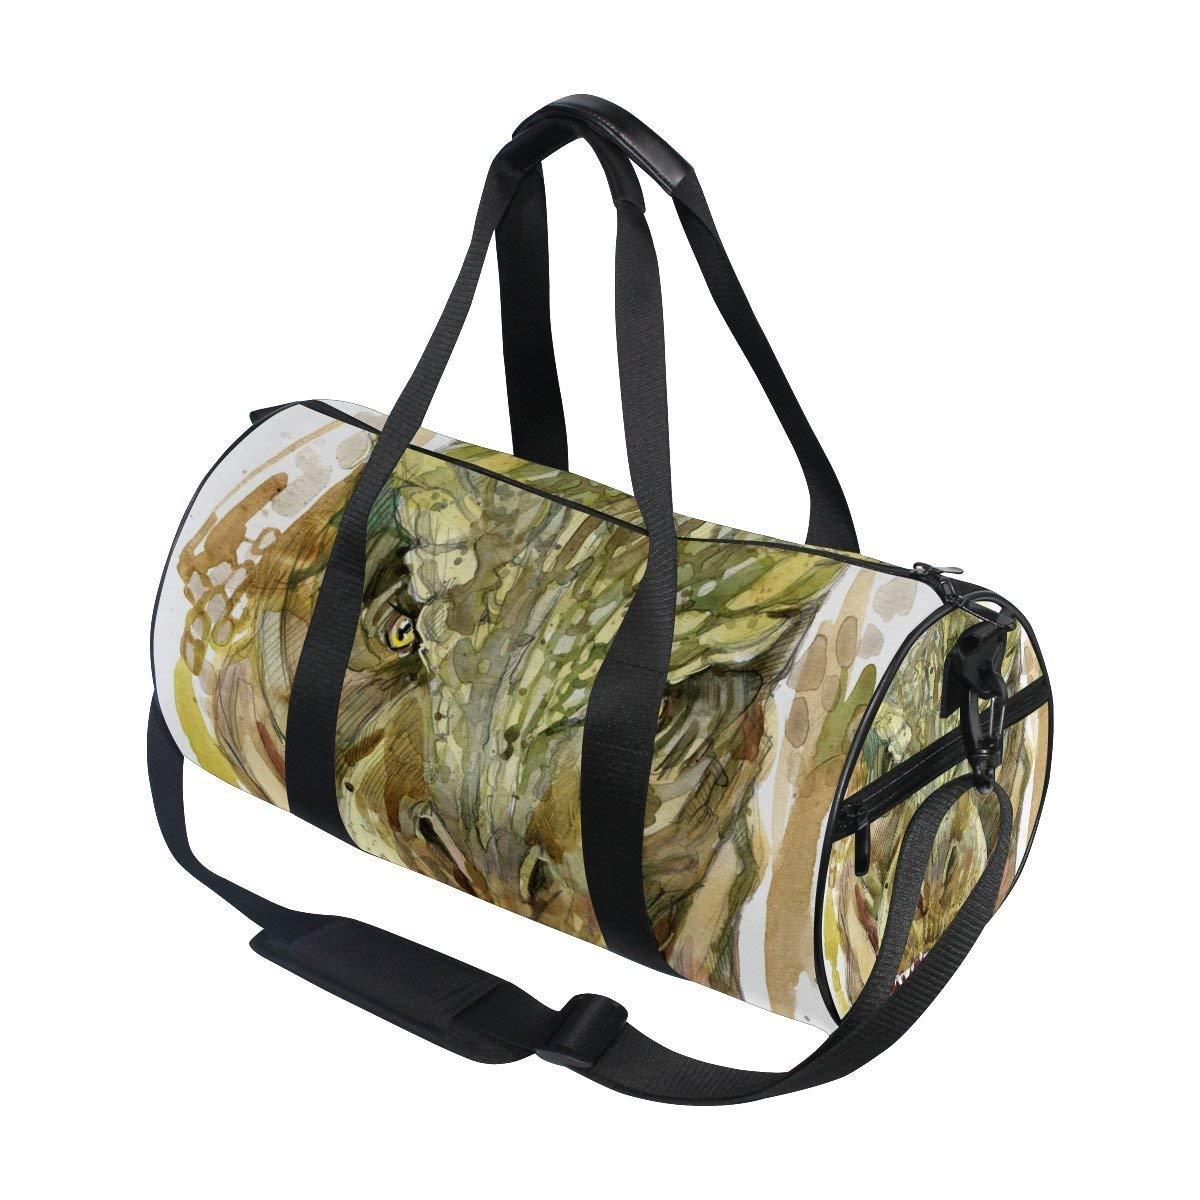 OuLian Gym Duffel Bag Octopus Handguns Sports Lightweight Canvas Travel Luggage Bag